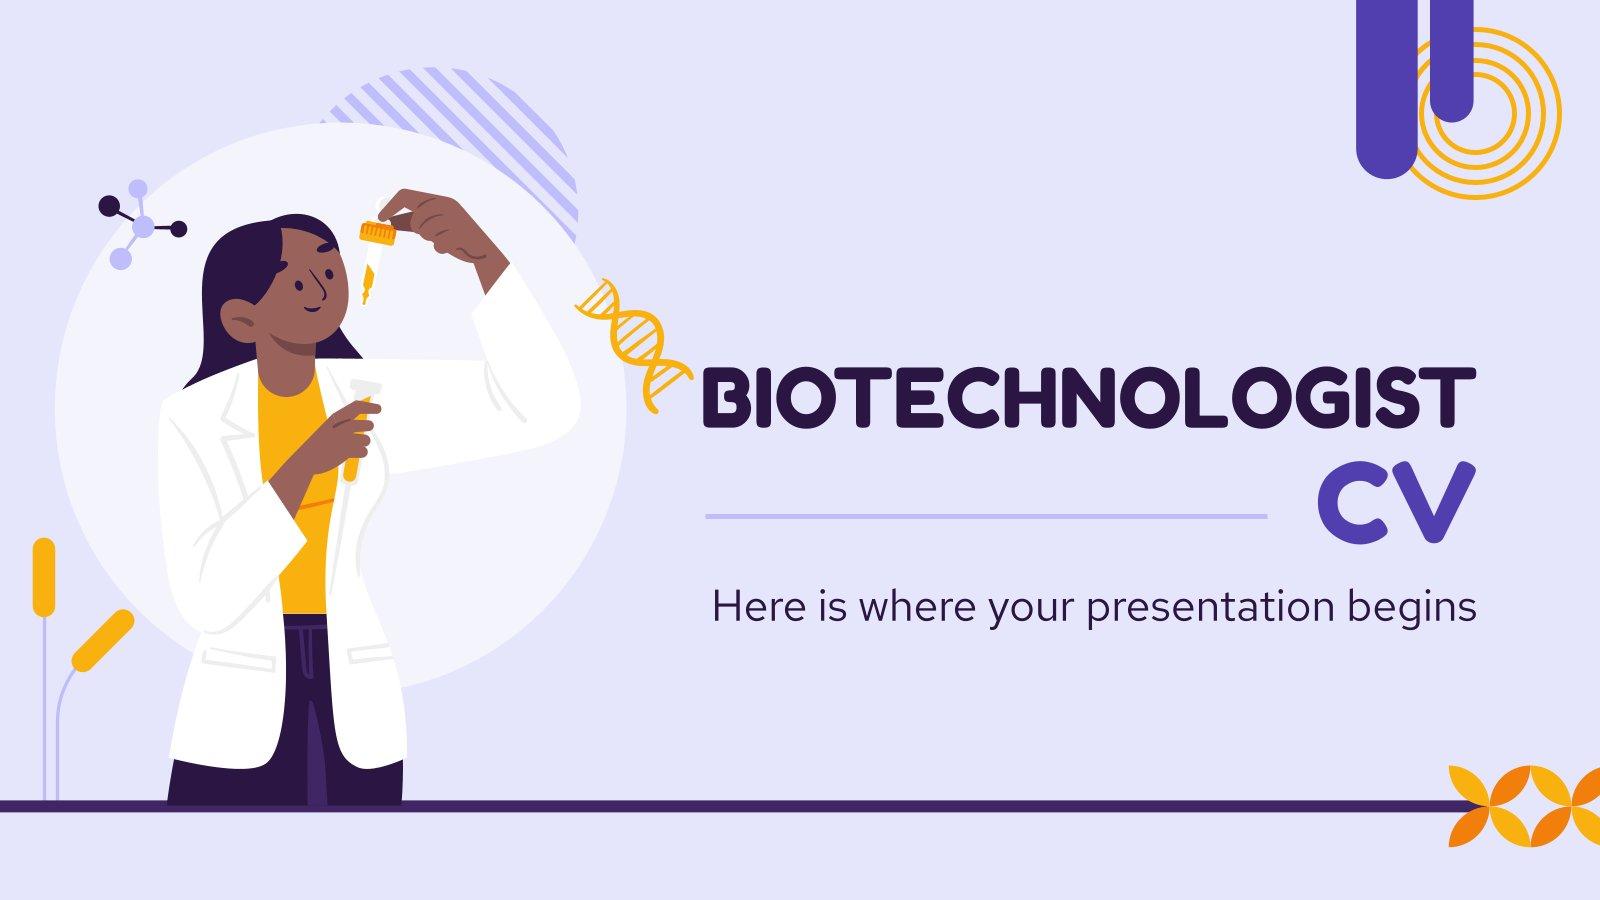 CV eines Biotechnologen Präsentationsvorlage